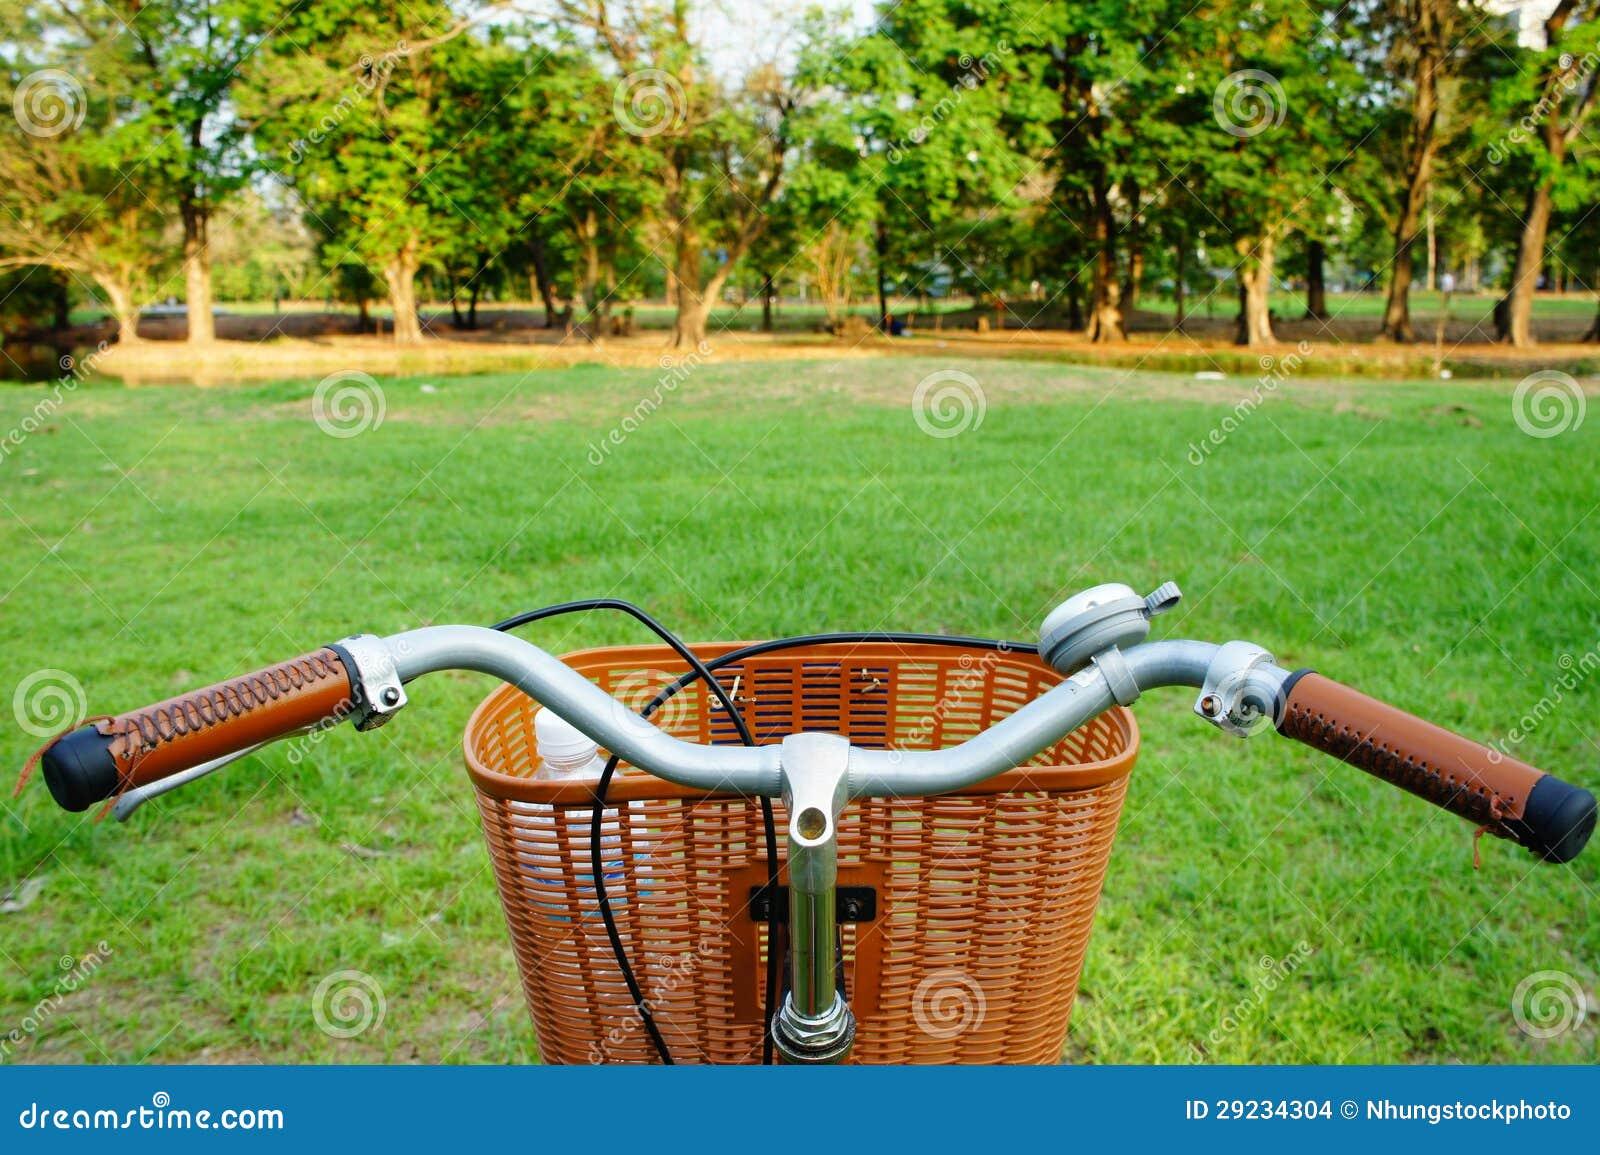 Download Bicicleta no campo foto de stock. Imagem de verde, parque - 29234304